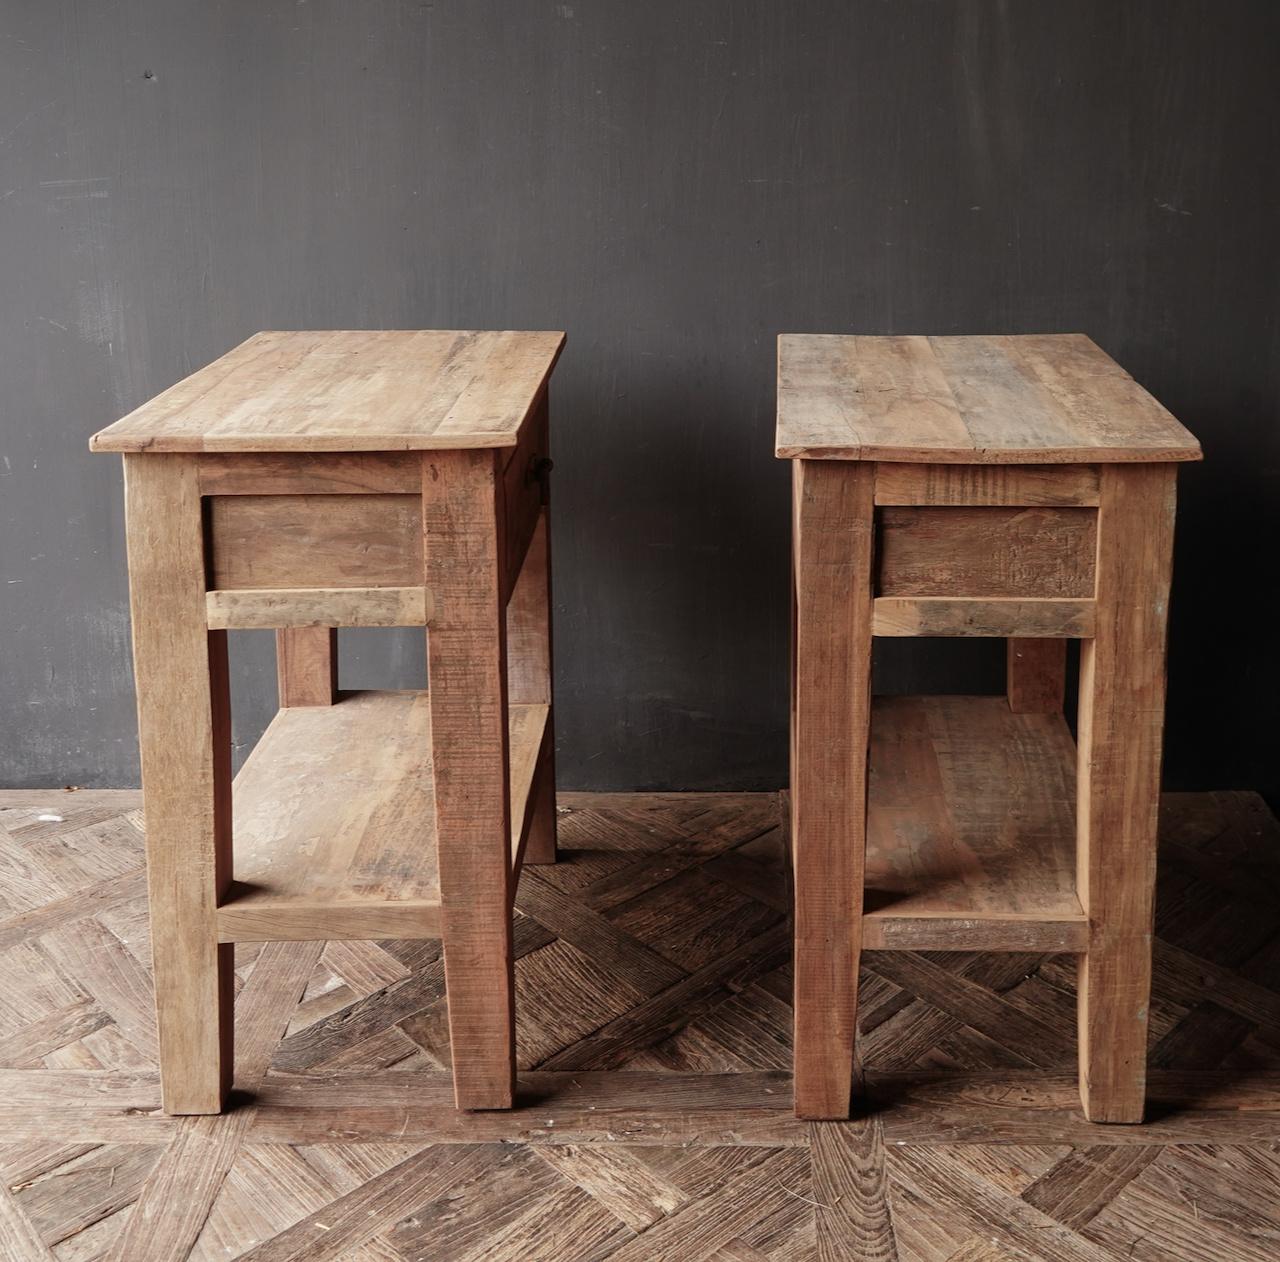 Stoer Robuust oud houten Sidetable oftewel muurtafel met een lade-3